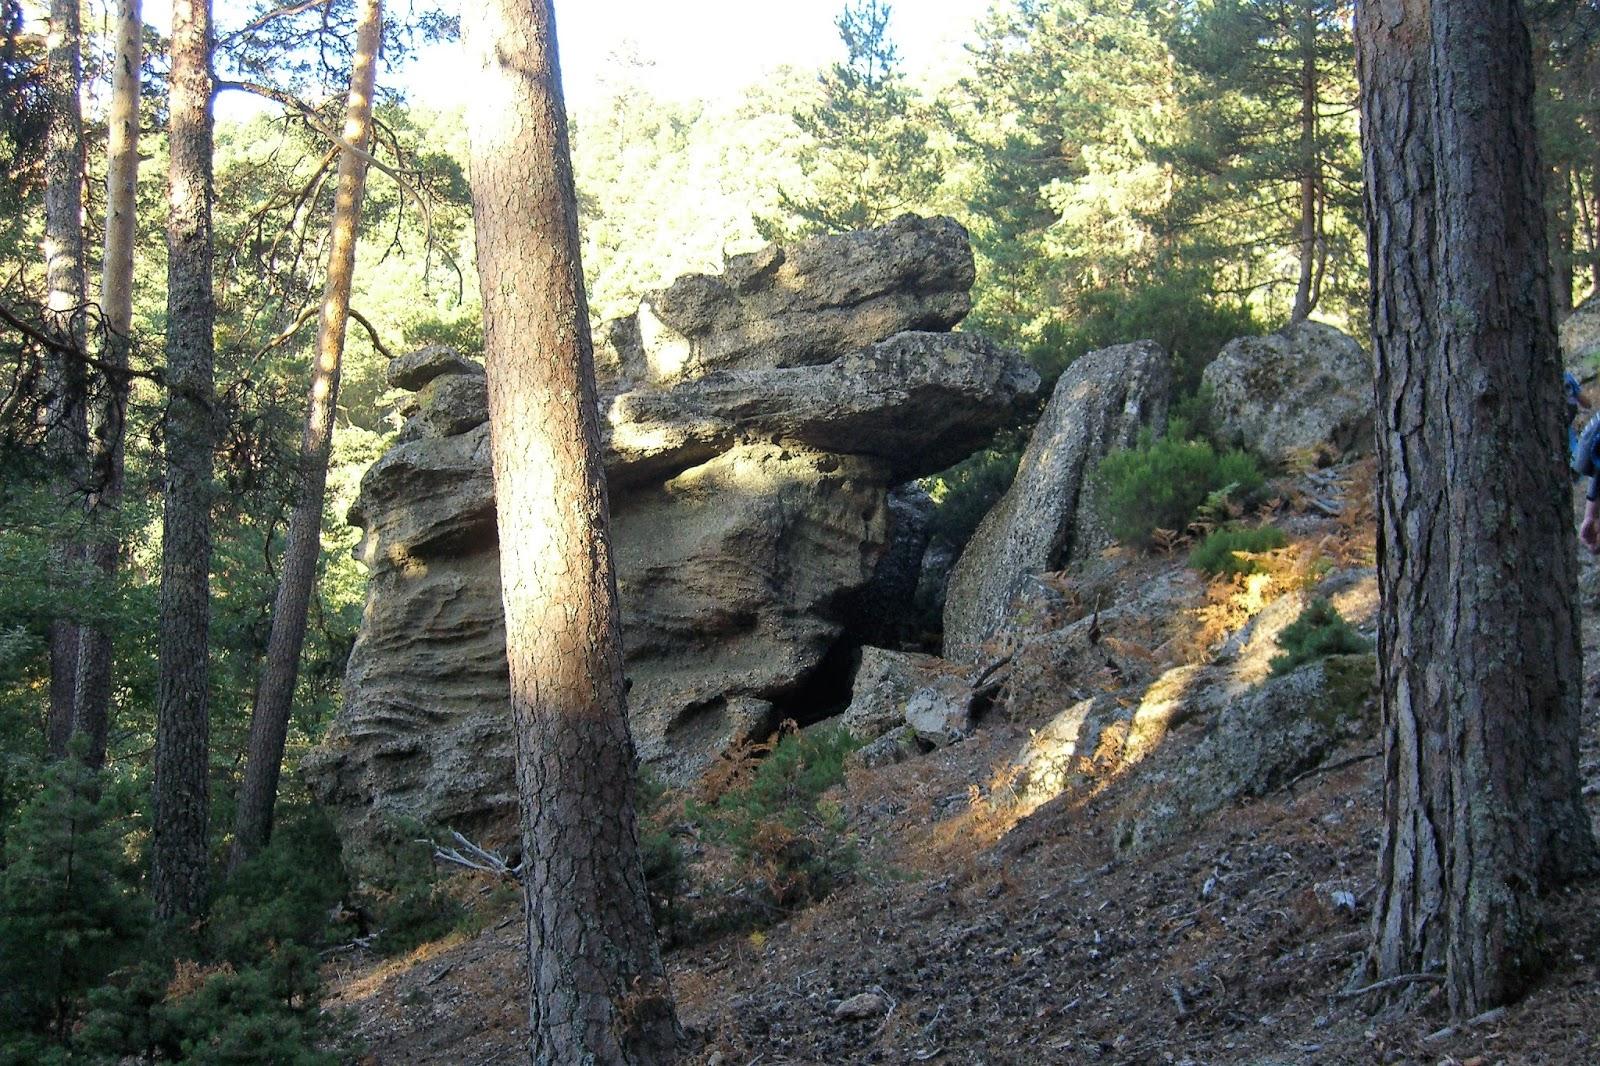 Soria Paso A Paso Castroviejo Y Cueva Serena # Muebles Duruelo De La Sierra